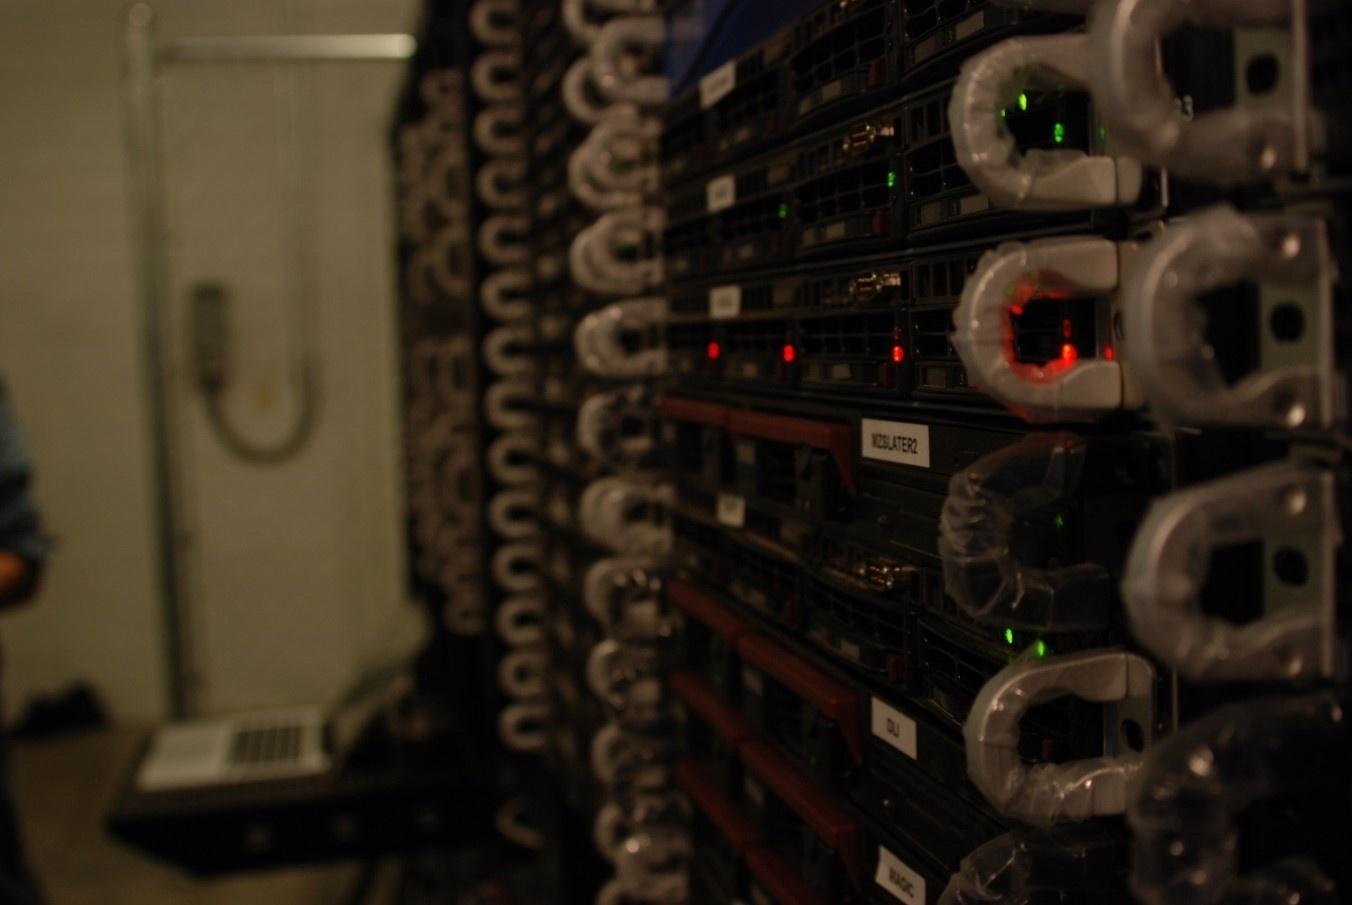 Fujitsu разработали технологию управления виртуальными машинами, повышающую эффективность использования серверов - 1